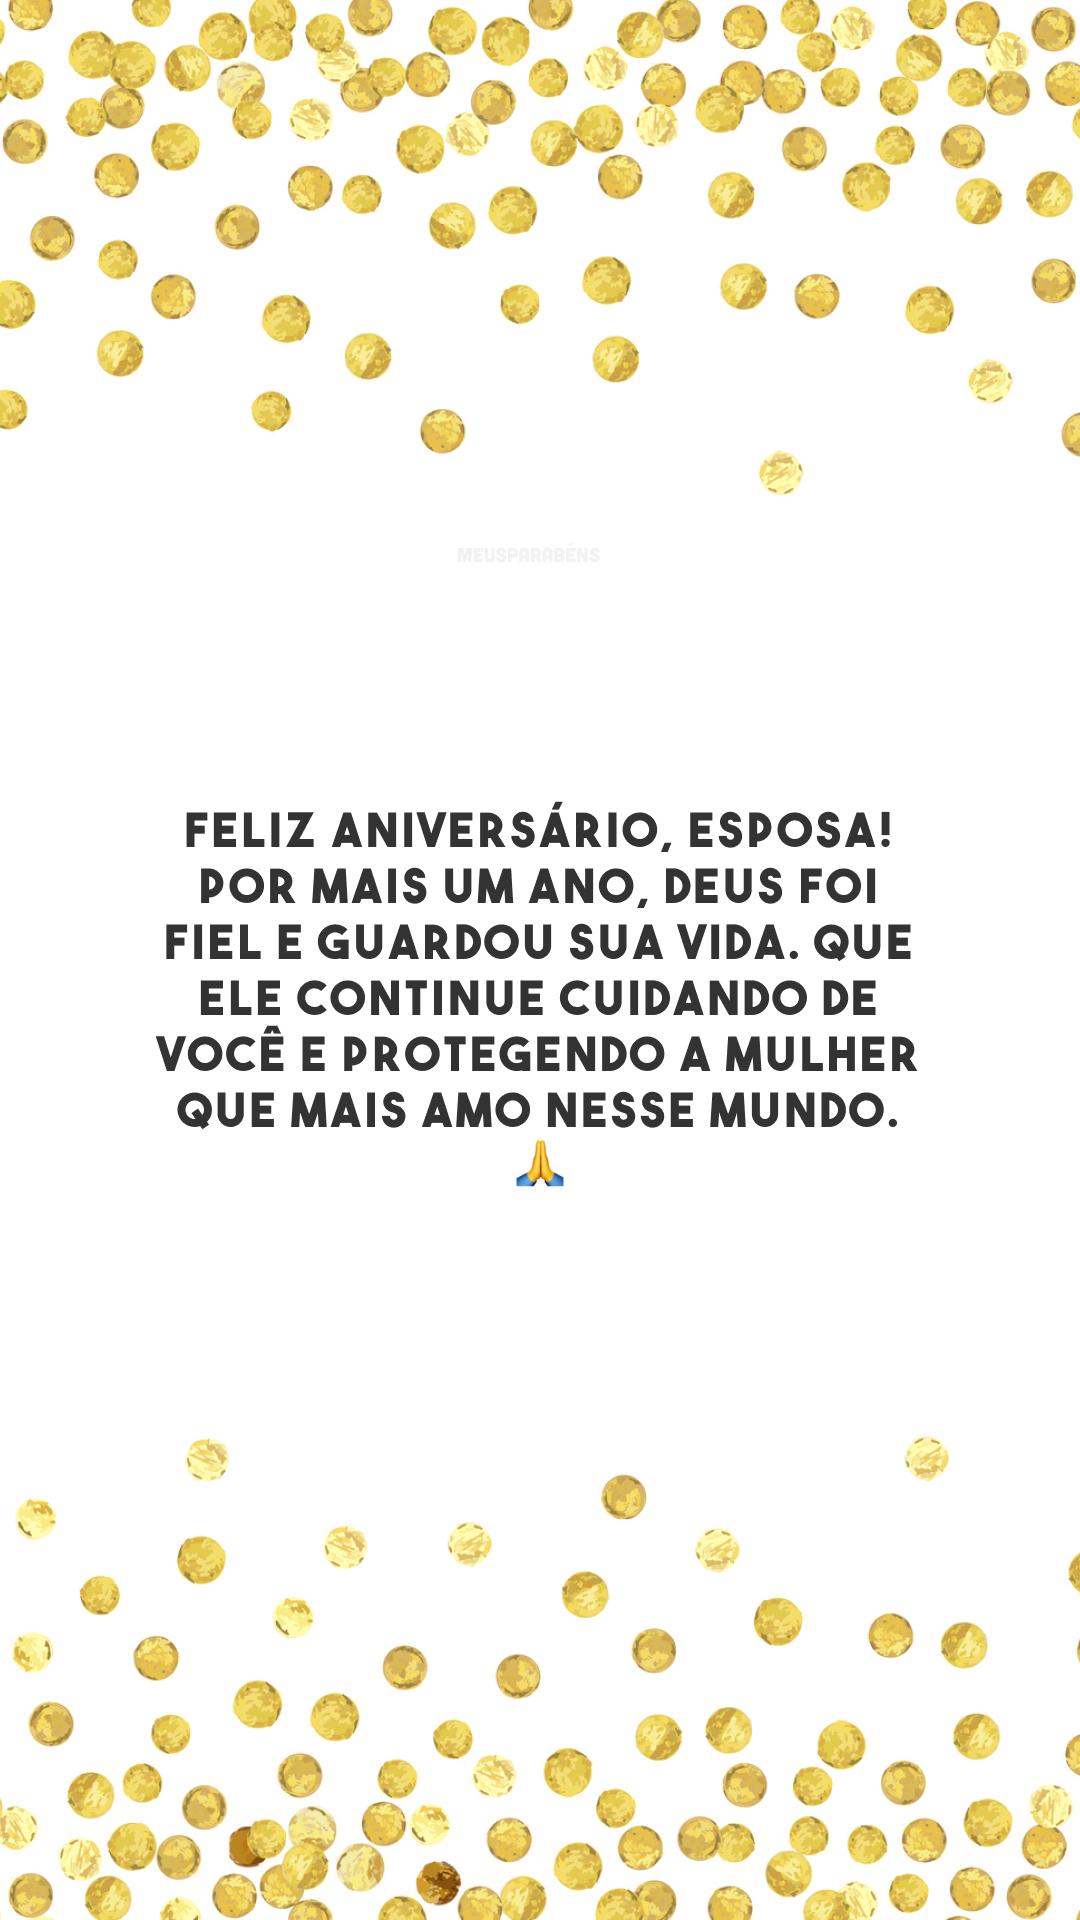 Feliz aniversário, esposa! Por mais um ano, Deus foi fiel e guardou sua vida. Que Ele continue cuidando de você e protegendo a mulher que mais amo nesse mundo. 🙏